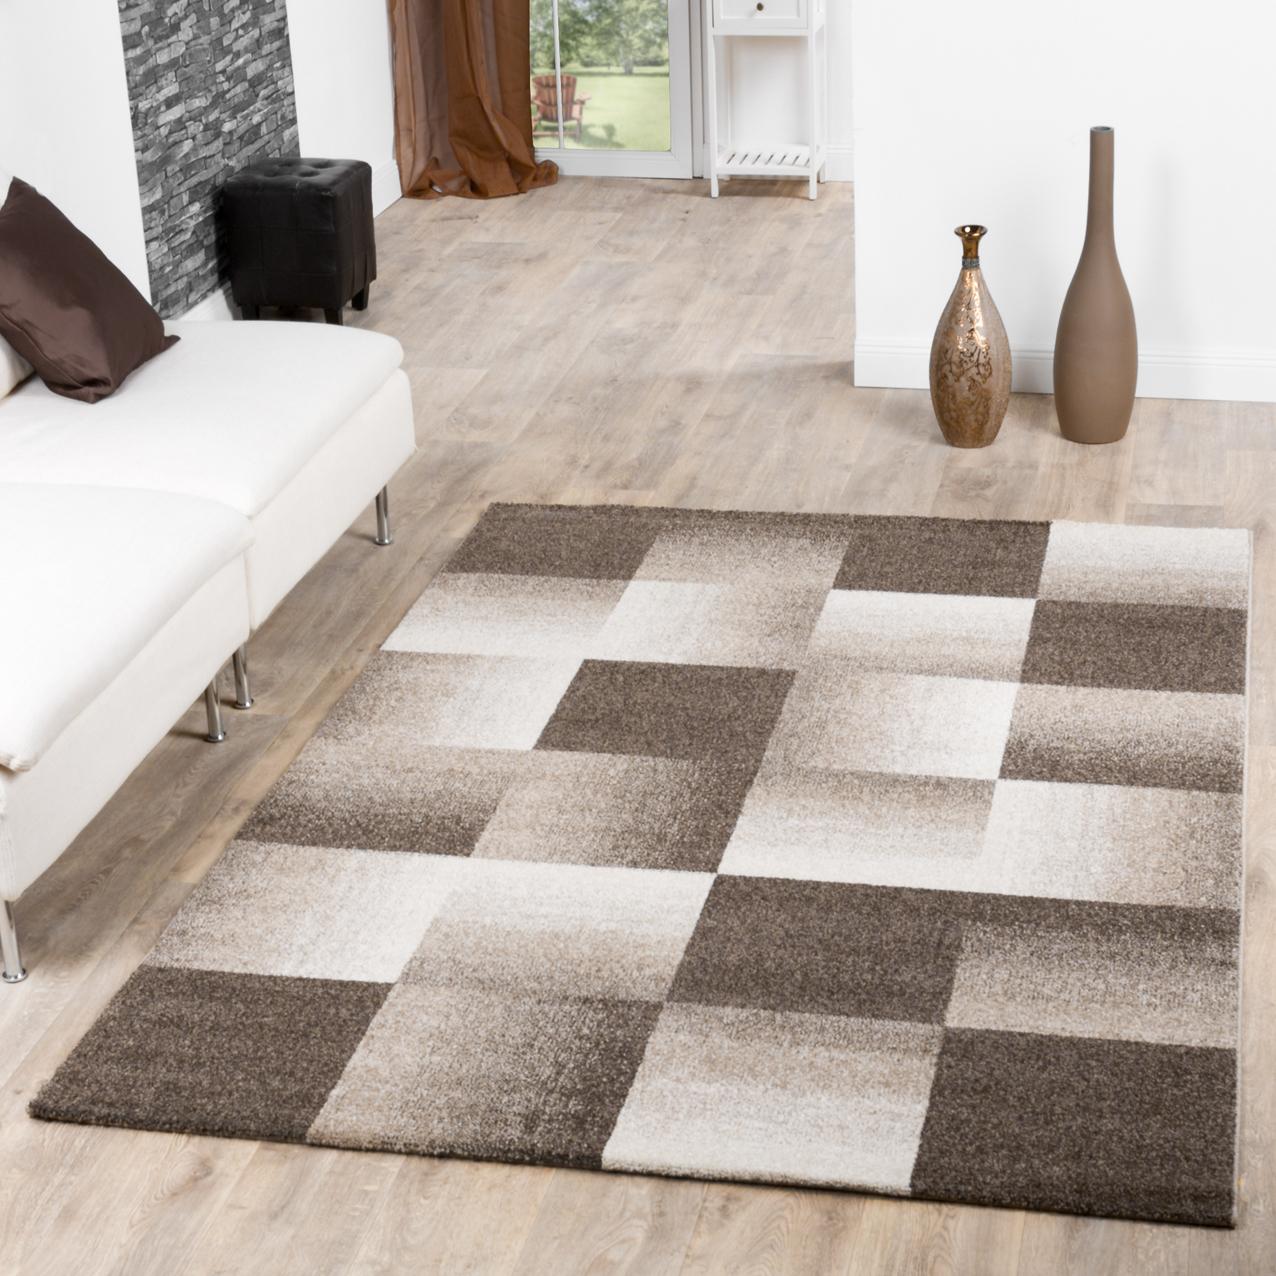 moderner teppich wohnzimmer velours teppiche kariert beige creme braun sale sales. Black Bedroom Furniture Sets. Home Design Ideas